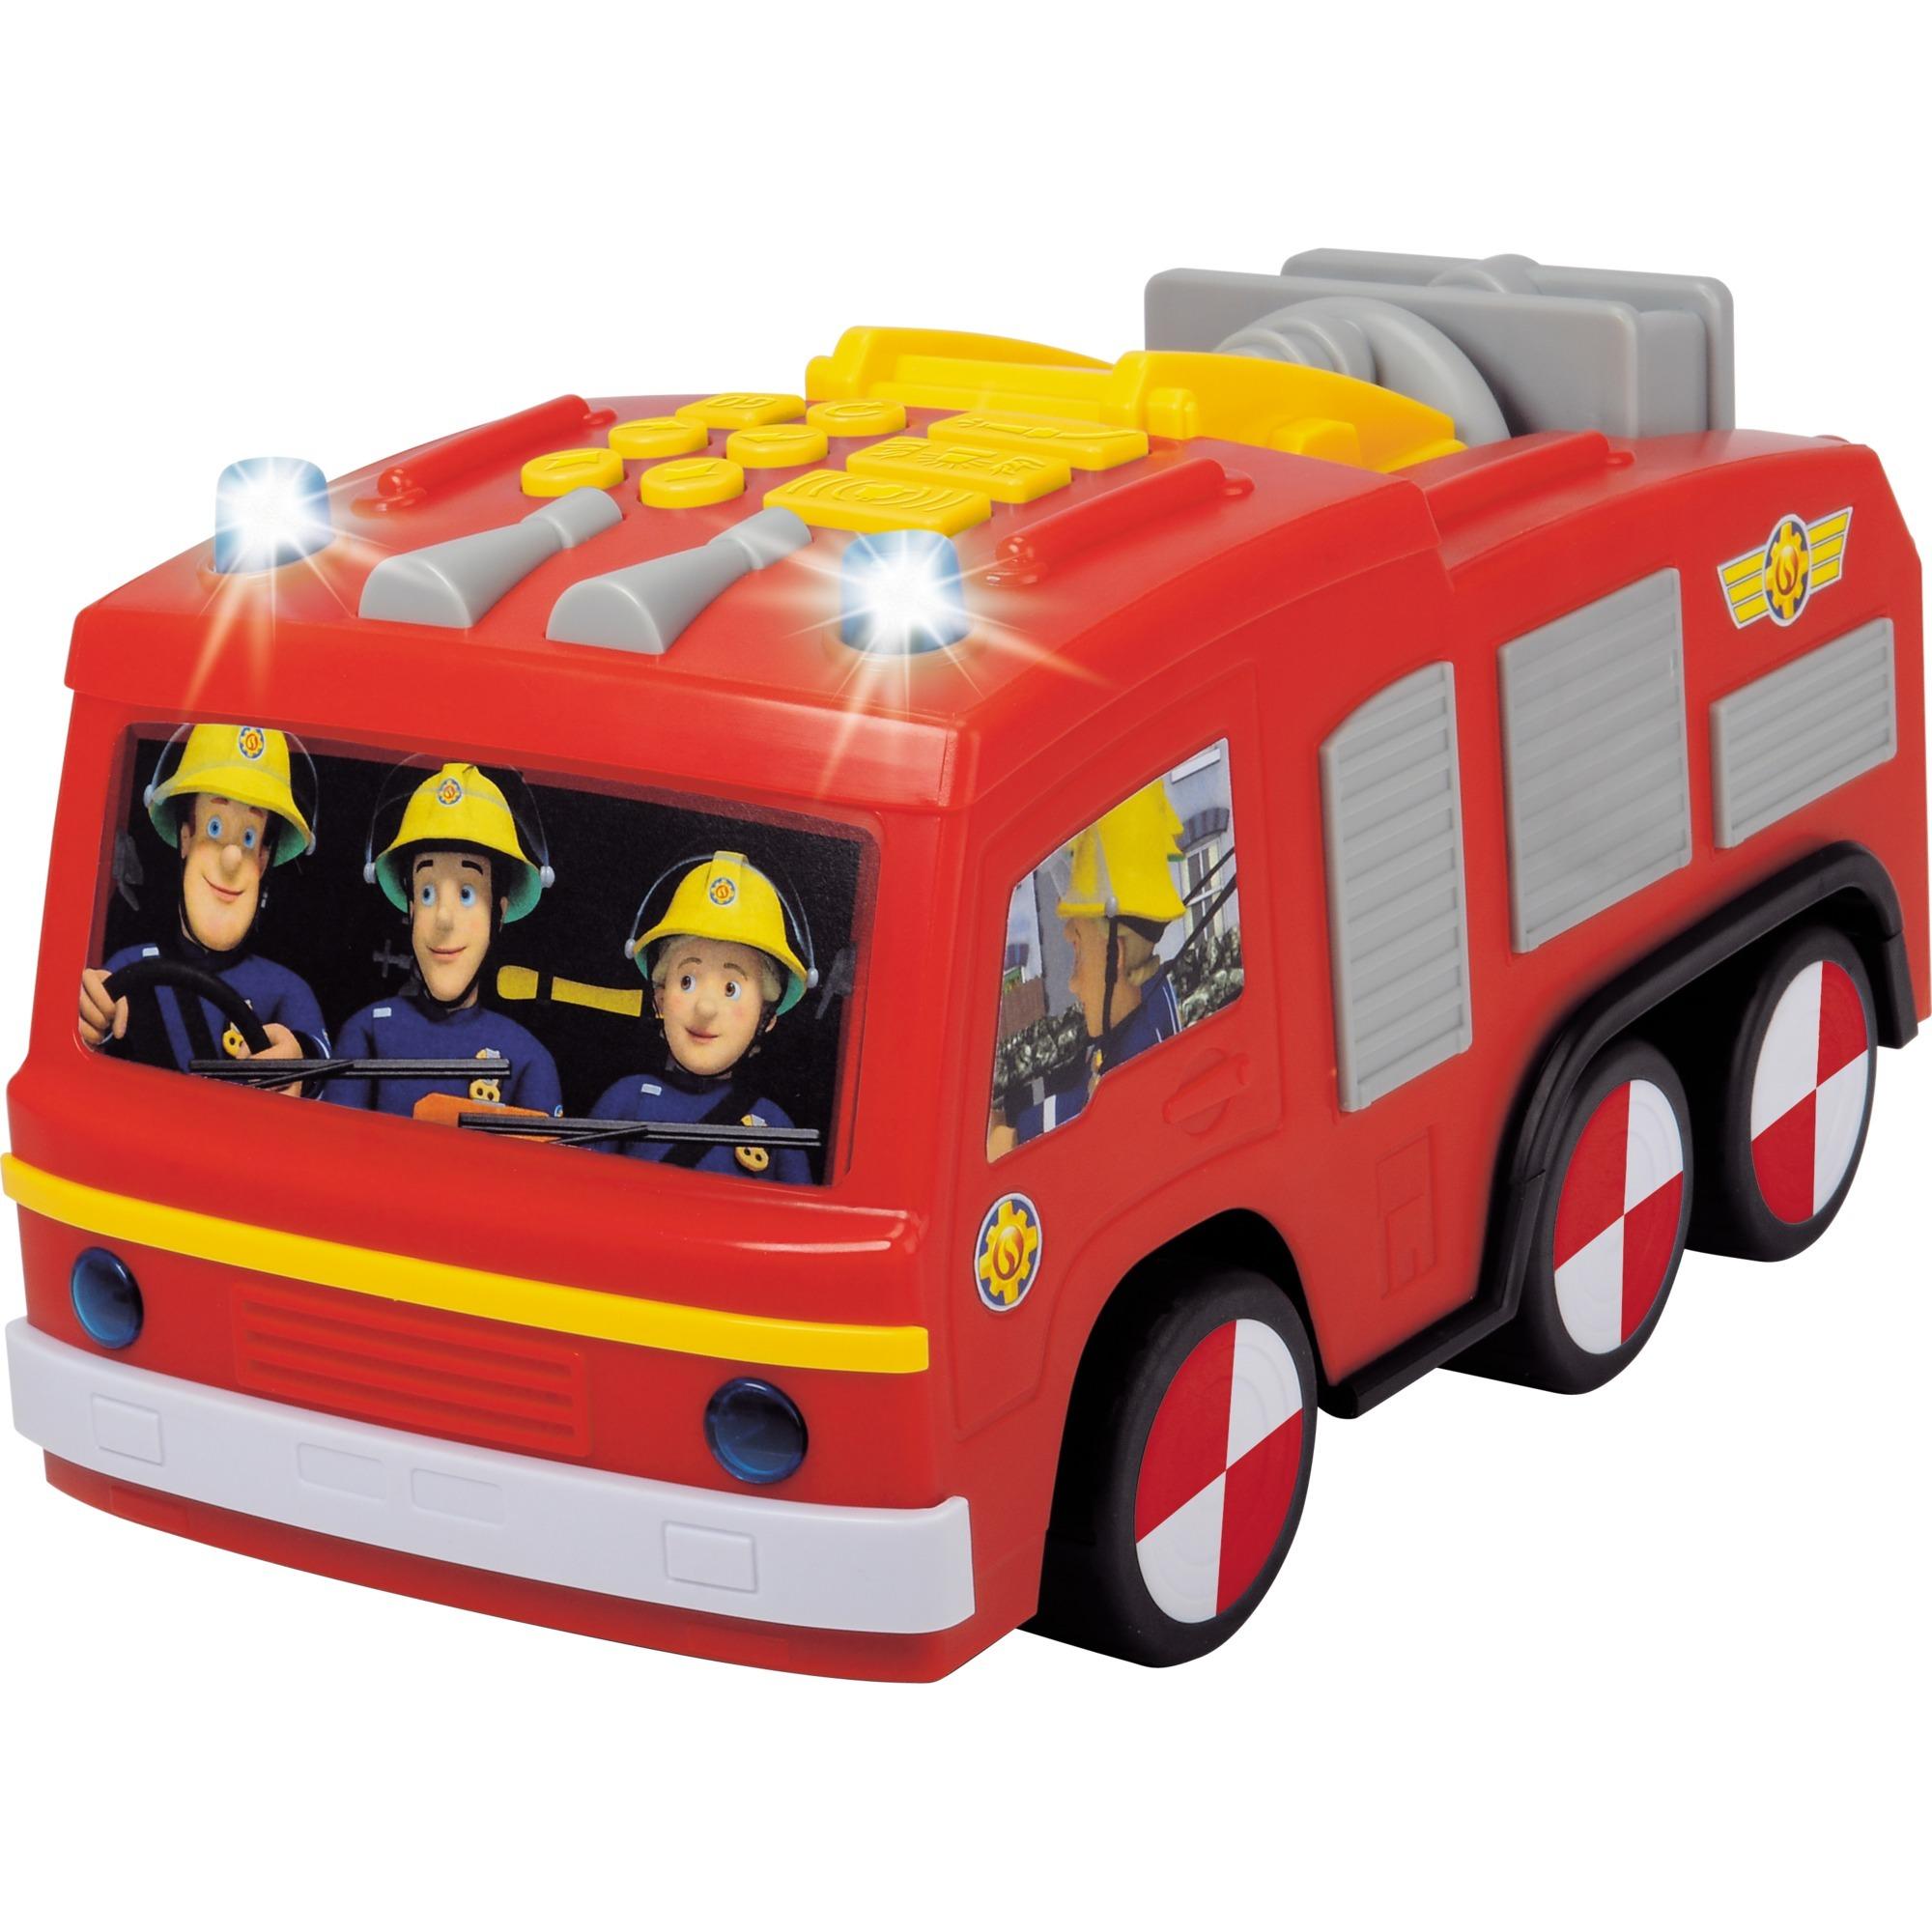 203096001, Vehículo de juguete